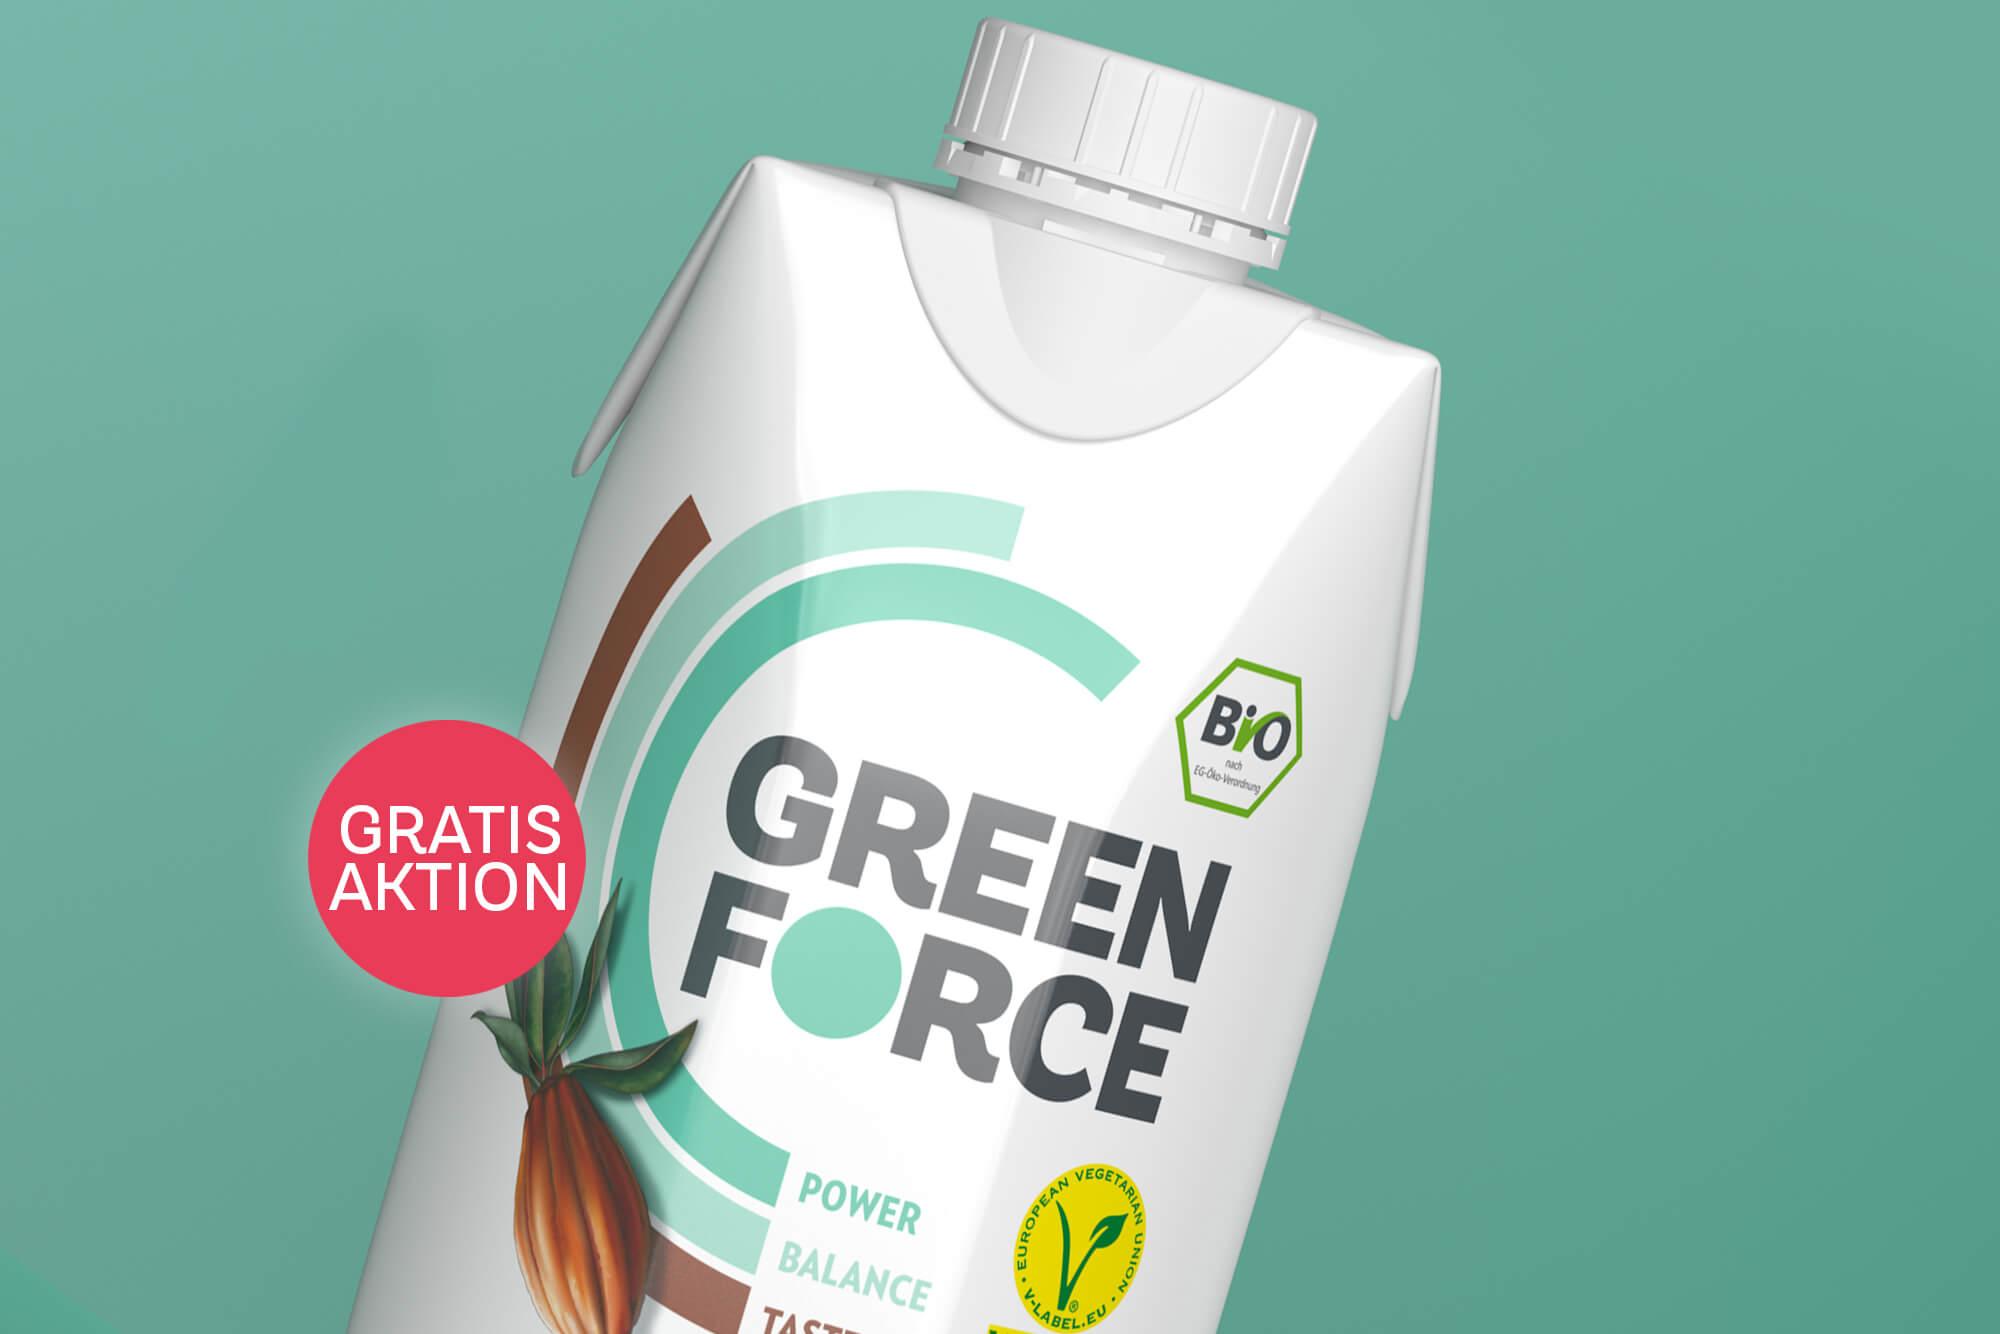 GREENFORCE – Promotion zur Produkteinführung